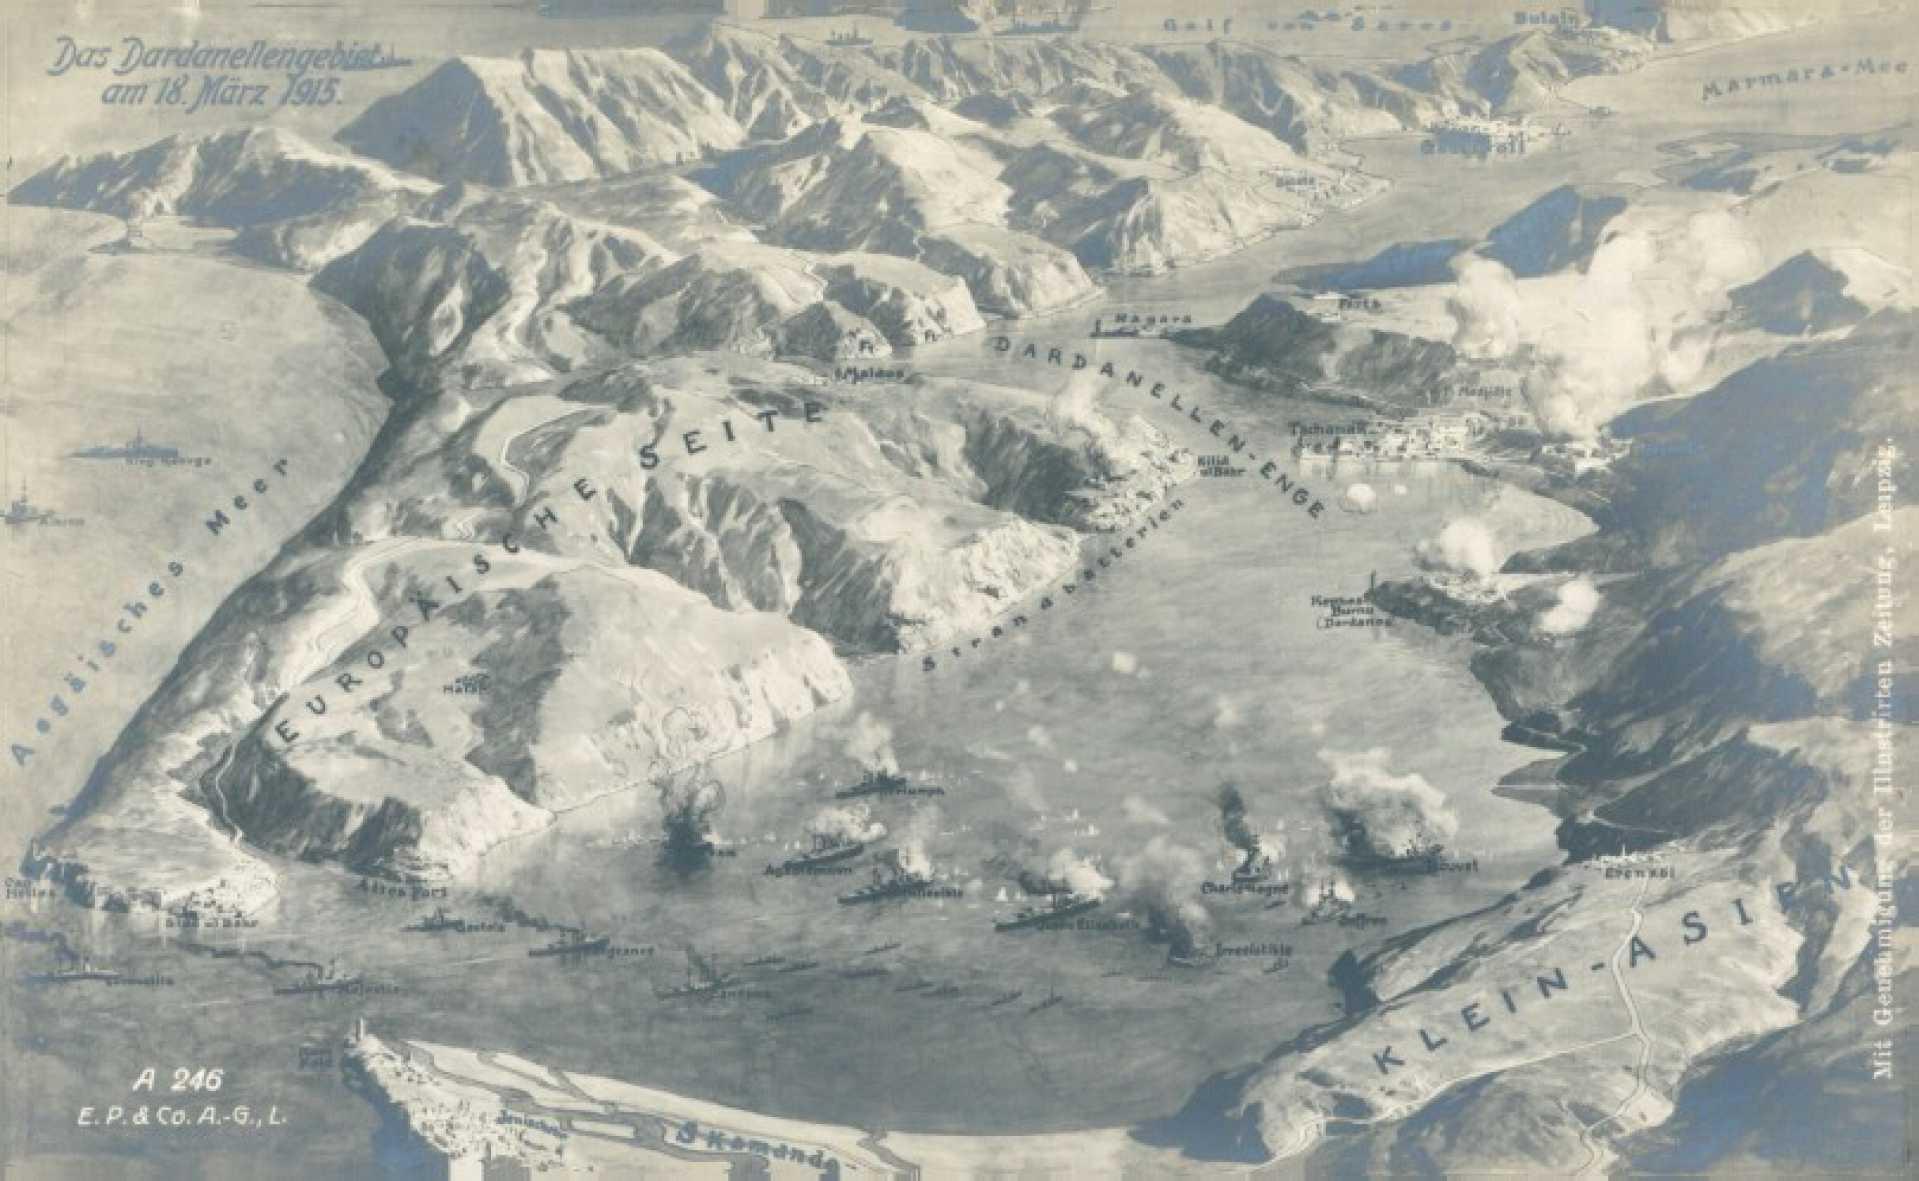 Das Dardanellengebiet am 18 Marz 1915